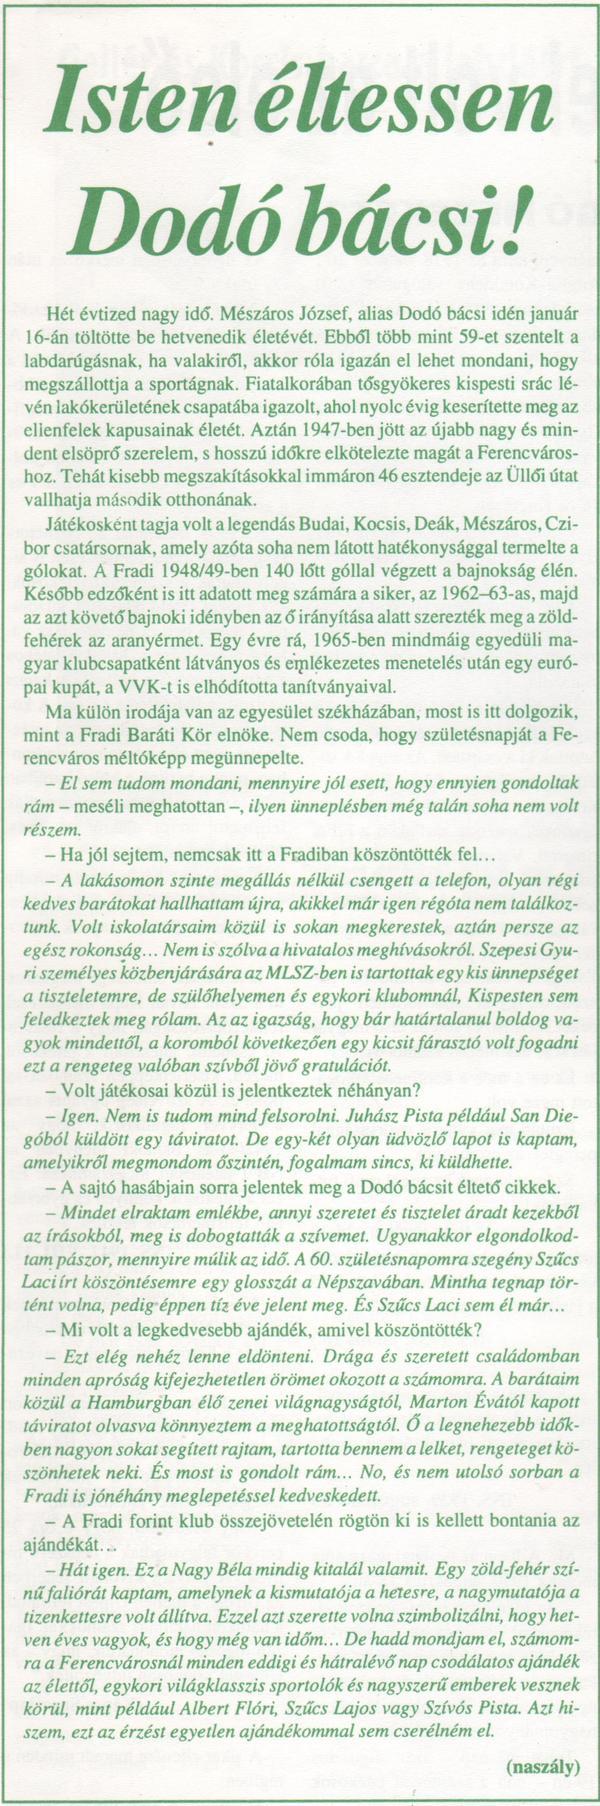 TFU_19930300_Zs_000 - 0003